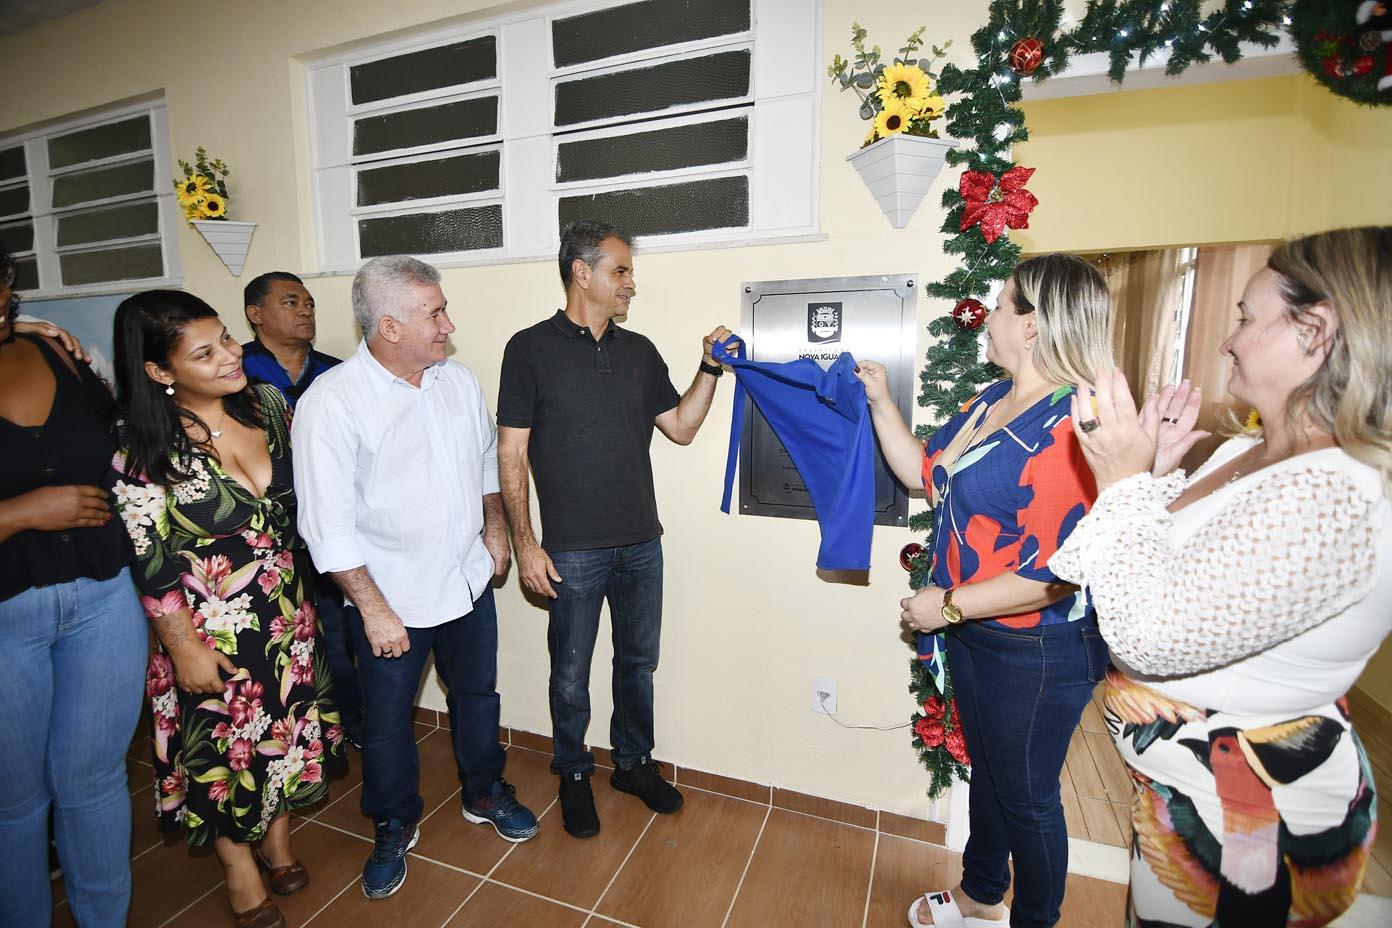 Casa de Acolhida para a Terceira Idade  é reinaugurada em Nova Iguaçu